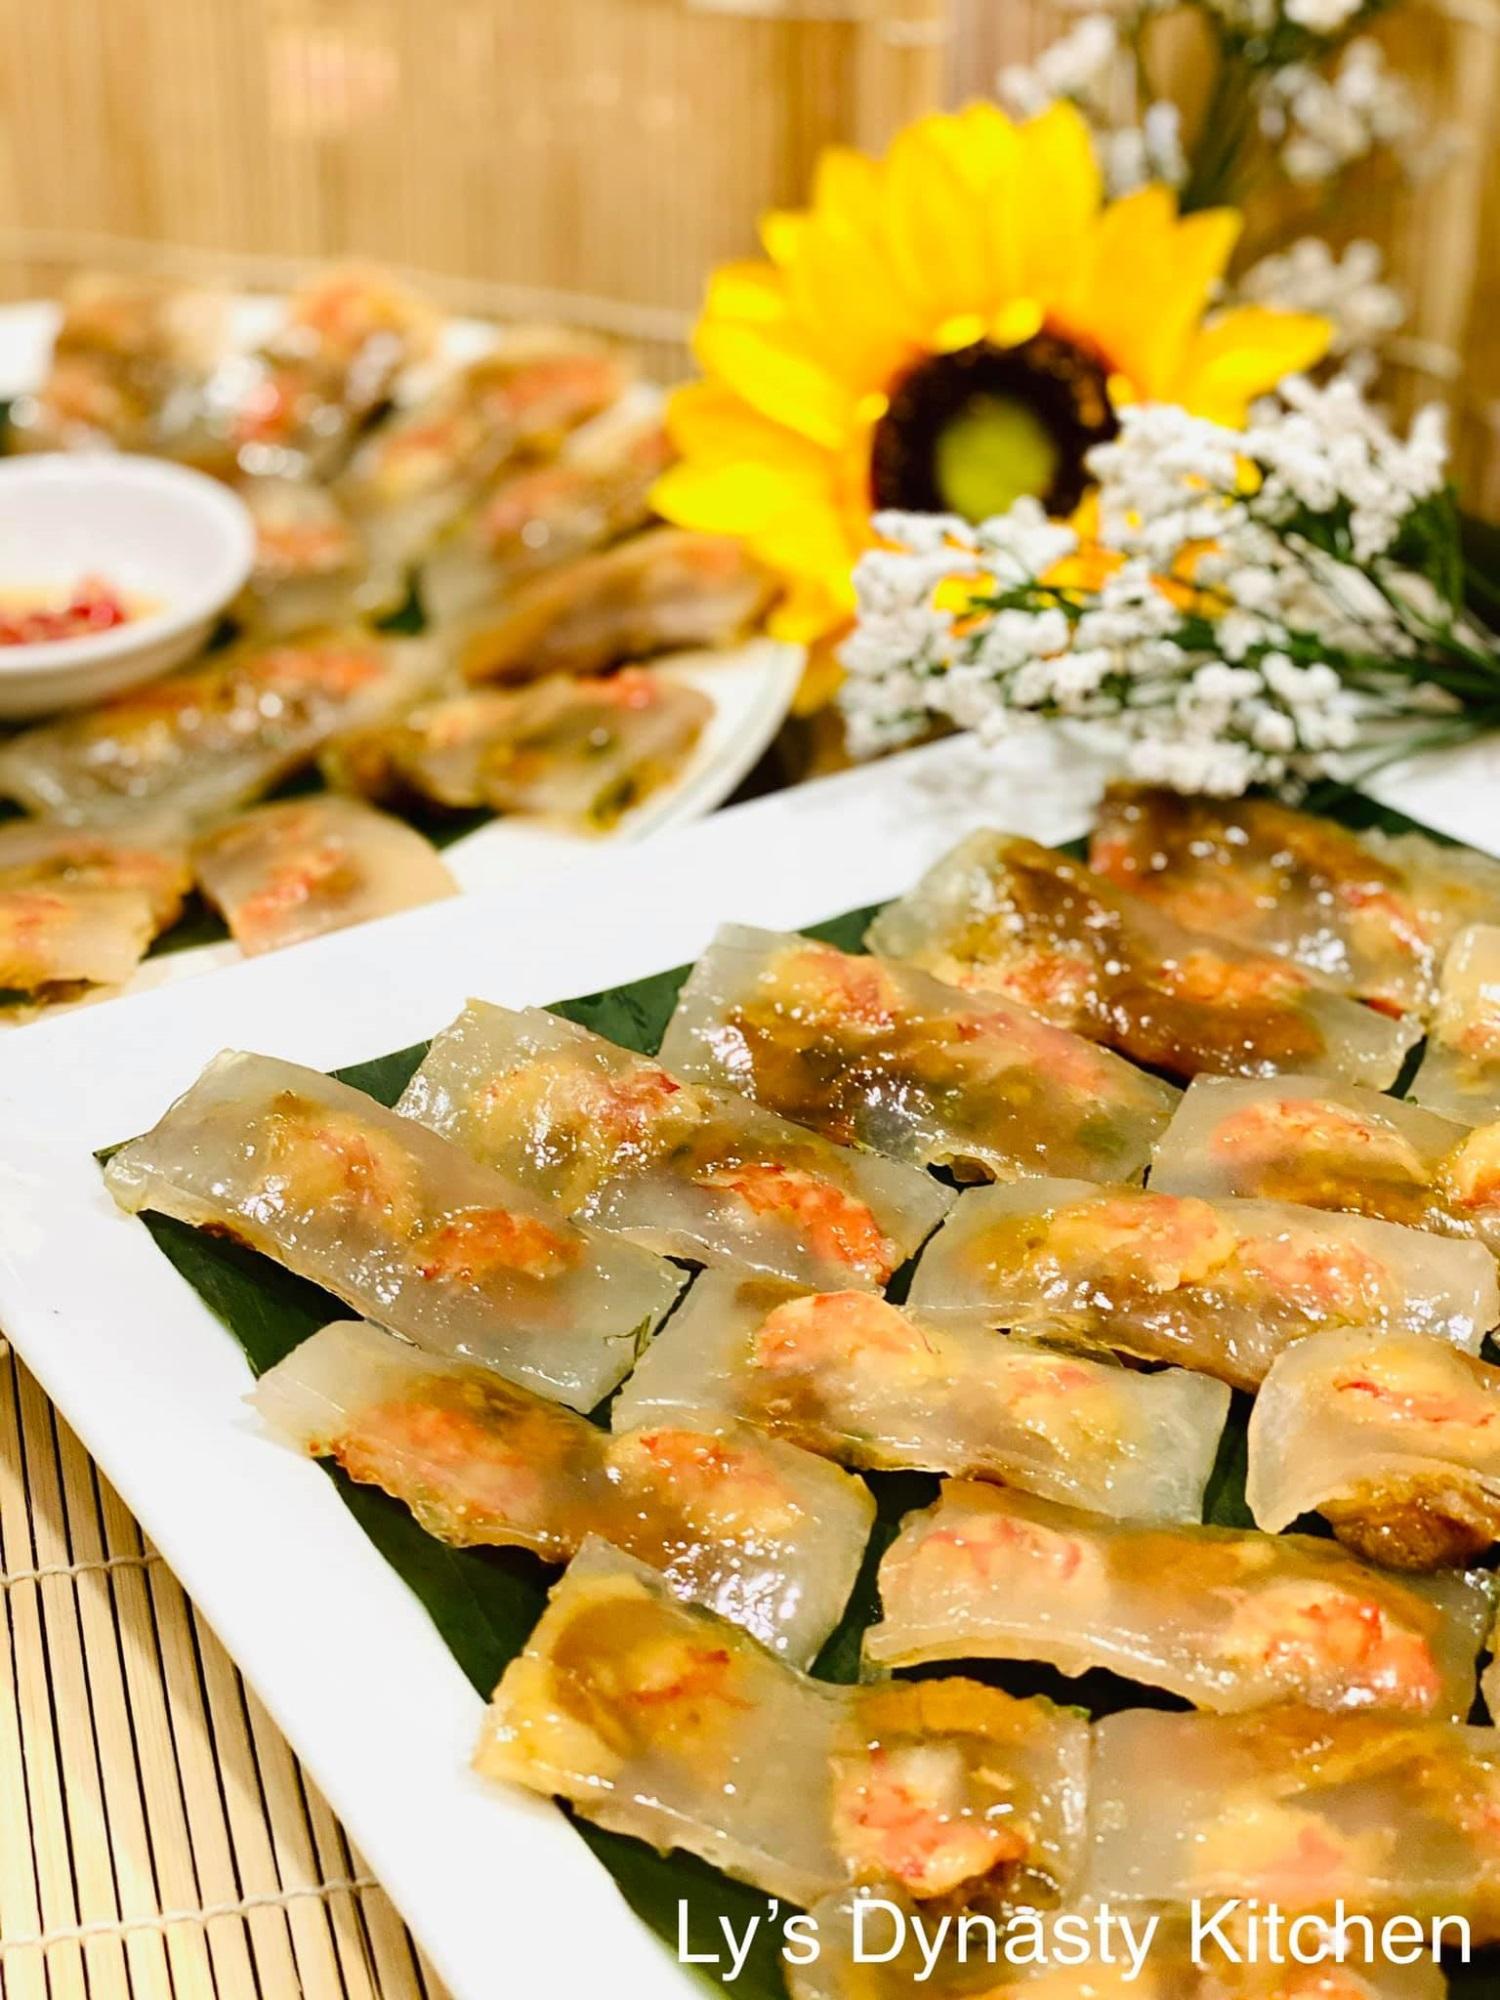 Mẹ đảm mách chị em cách làm bánh bột lọc lá chuối, đơn giản nhanh gọn và cực ngon - Ảnh 6